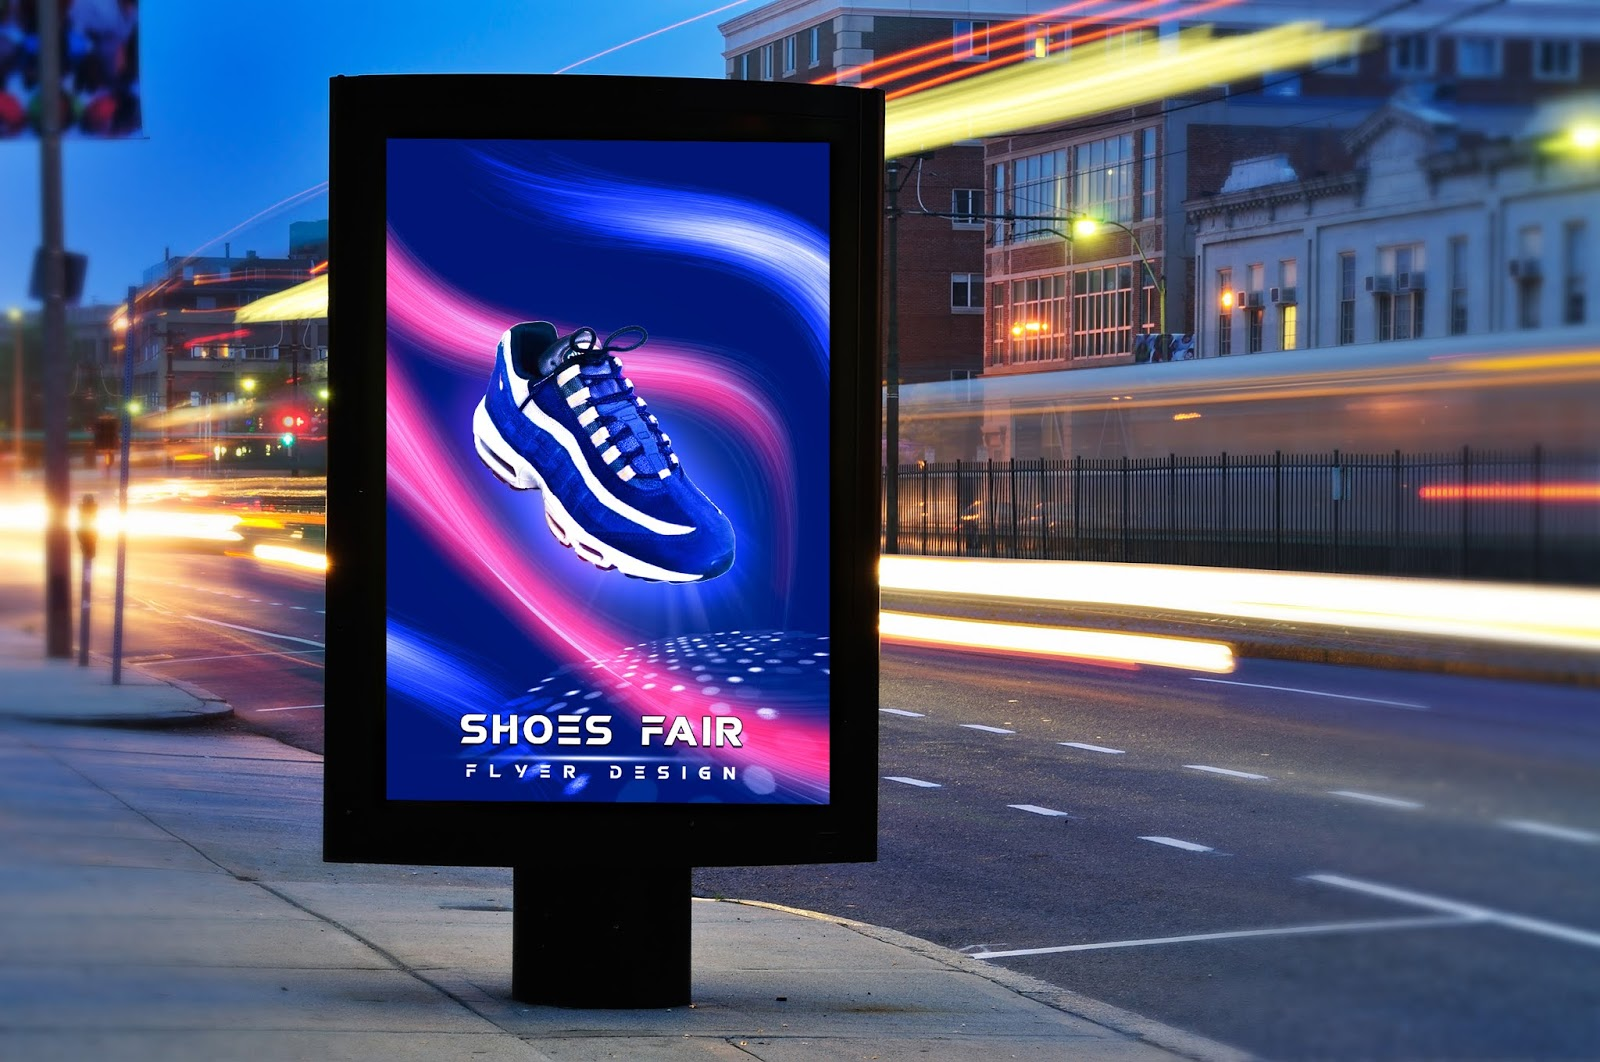 Shoes Flyer Design By Ju Joy Design Bangla